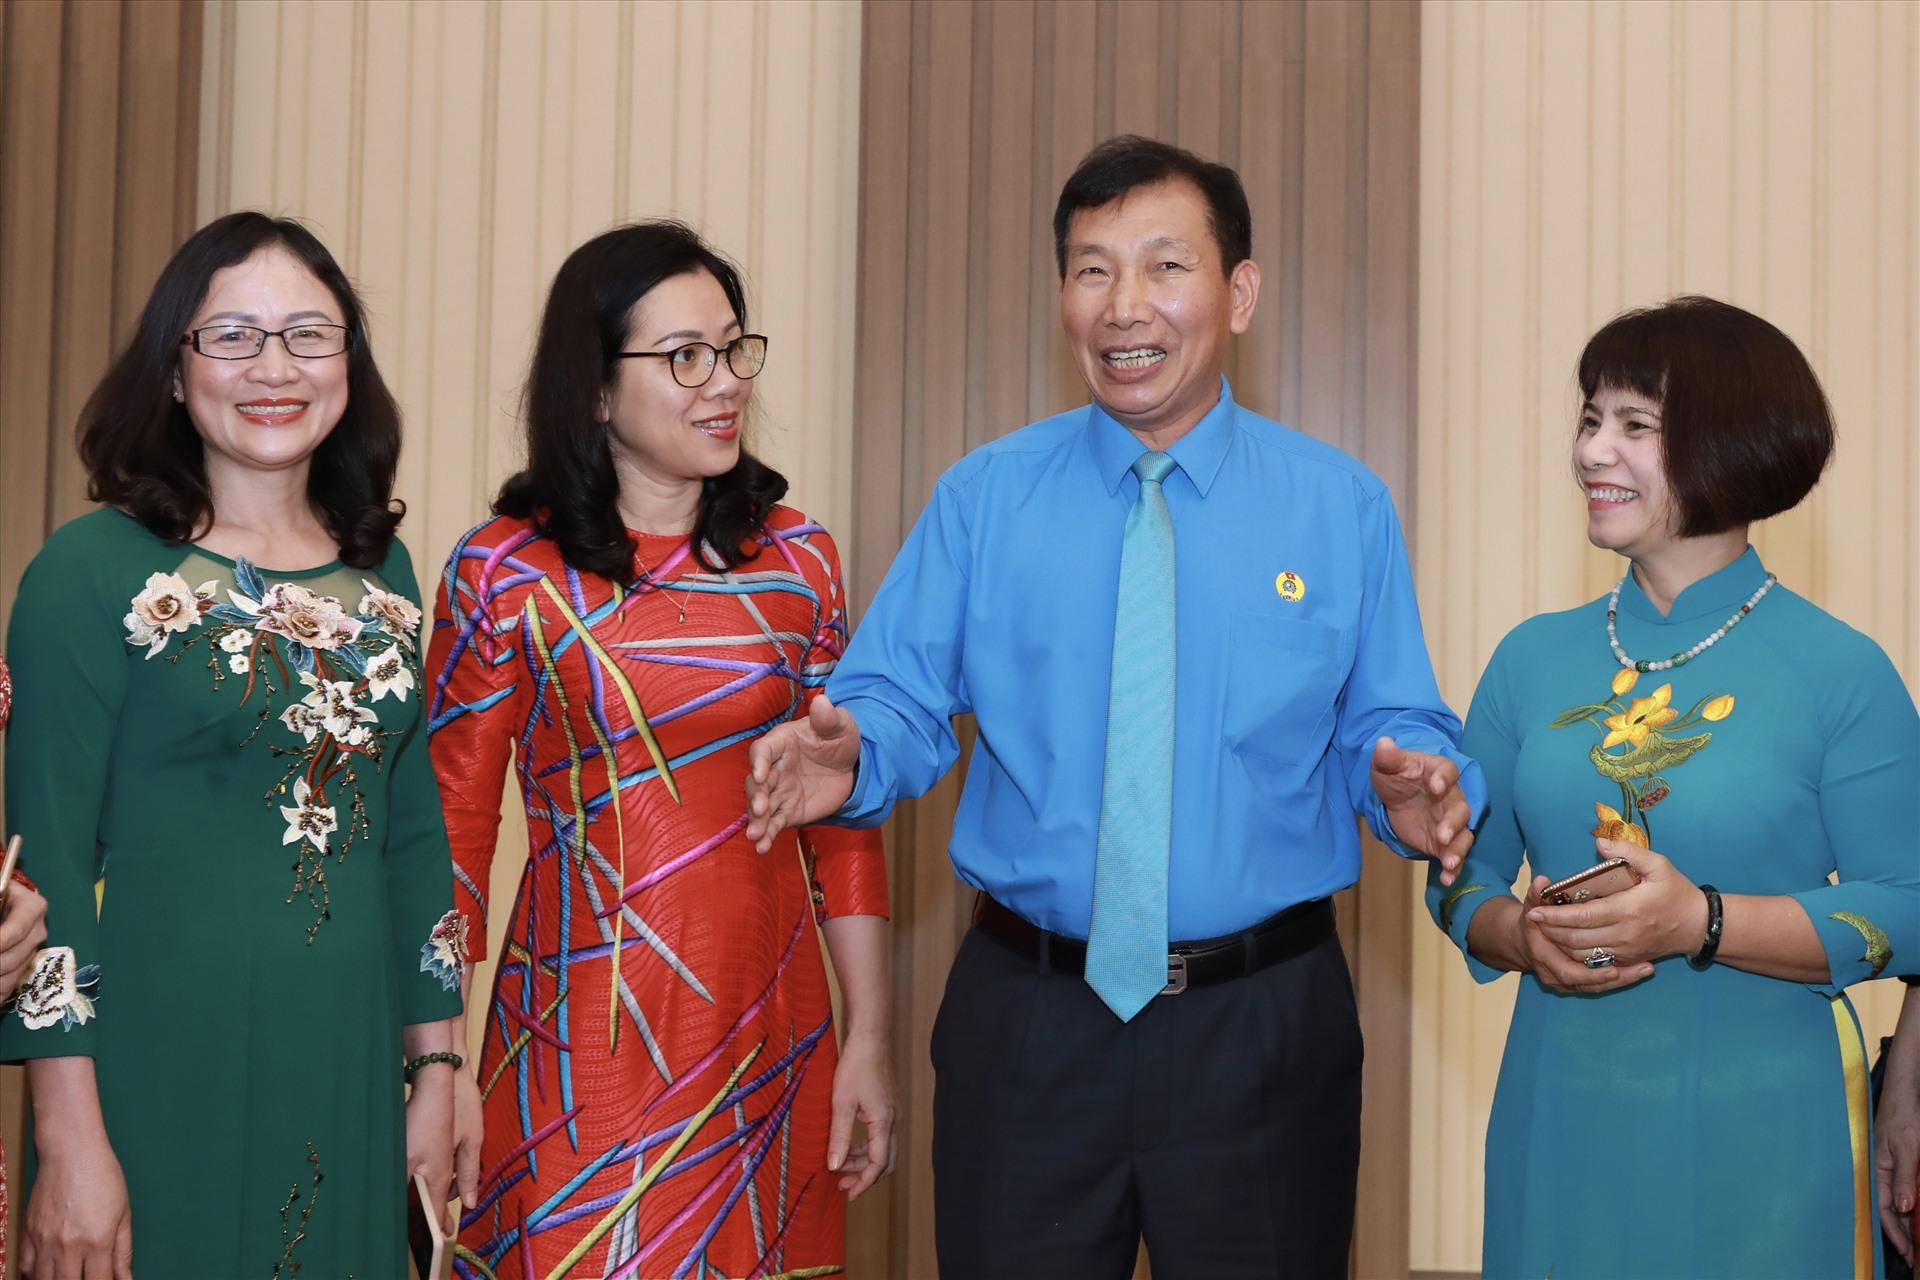 Đồng chí Vũ Tiến Dũng, Chủ tịch Công đoàn Công nghiệp Hoá chất Việt Nam giao lưu với các đại biểu nữ. Ảnh: Hải Nguyễn